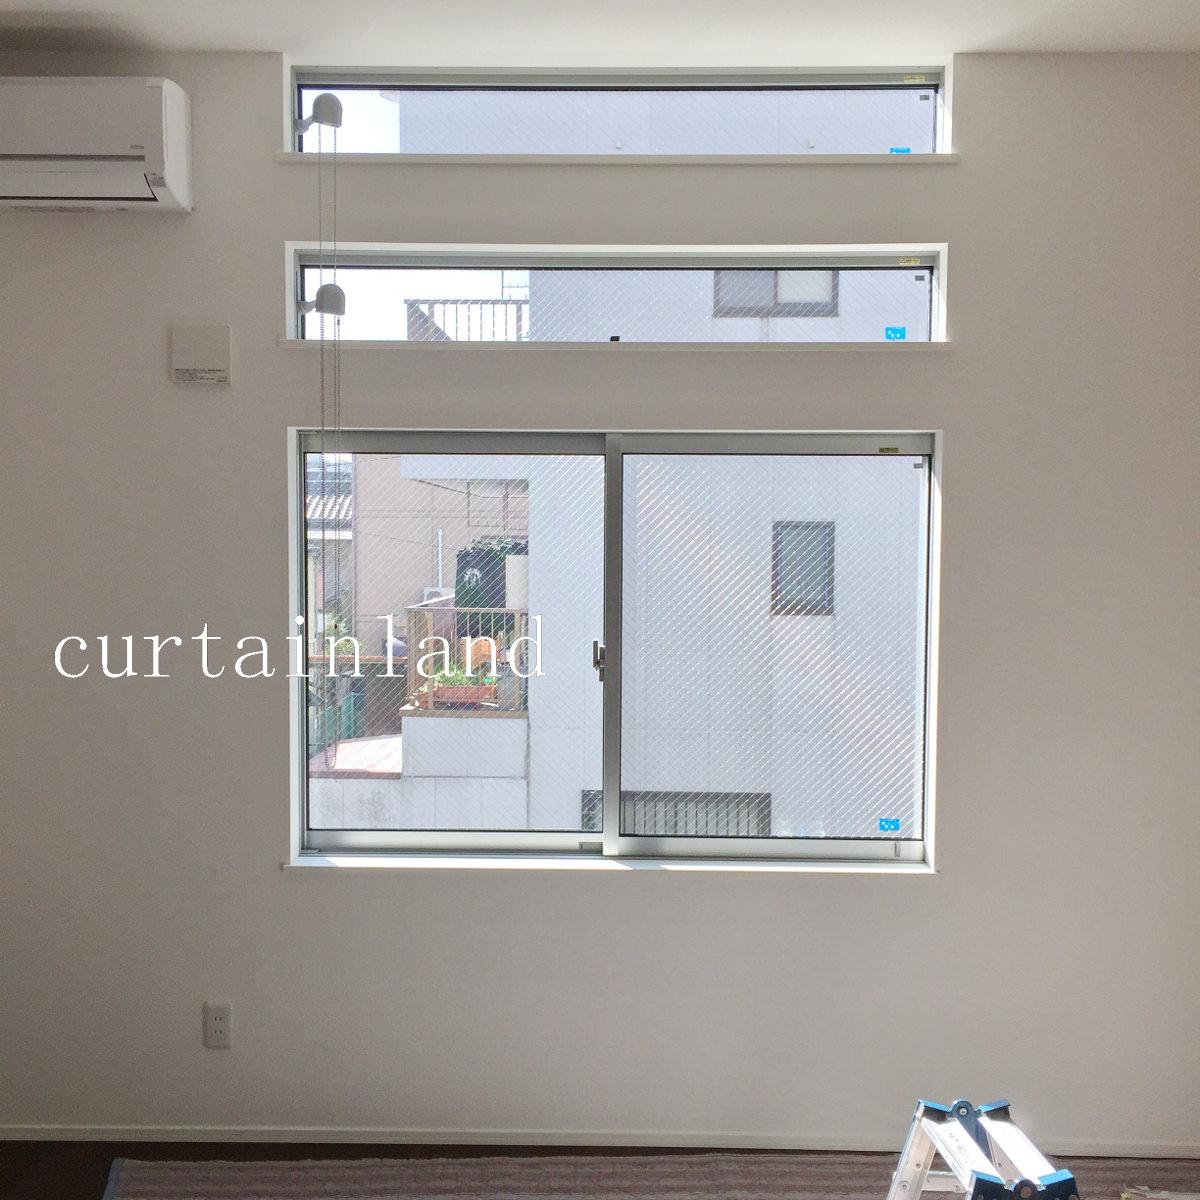 横長窓と腰高窓のリビング